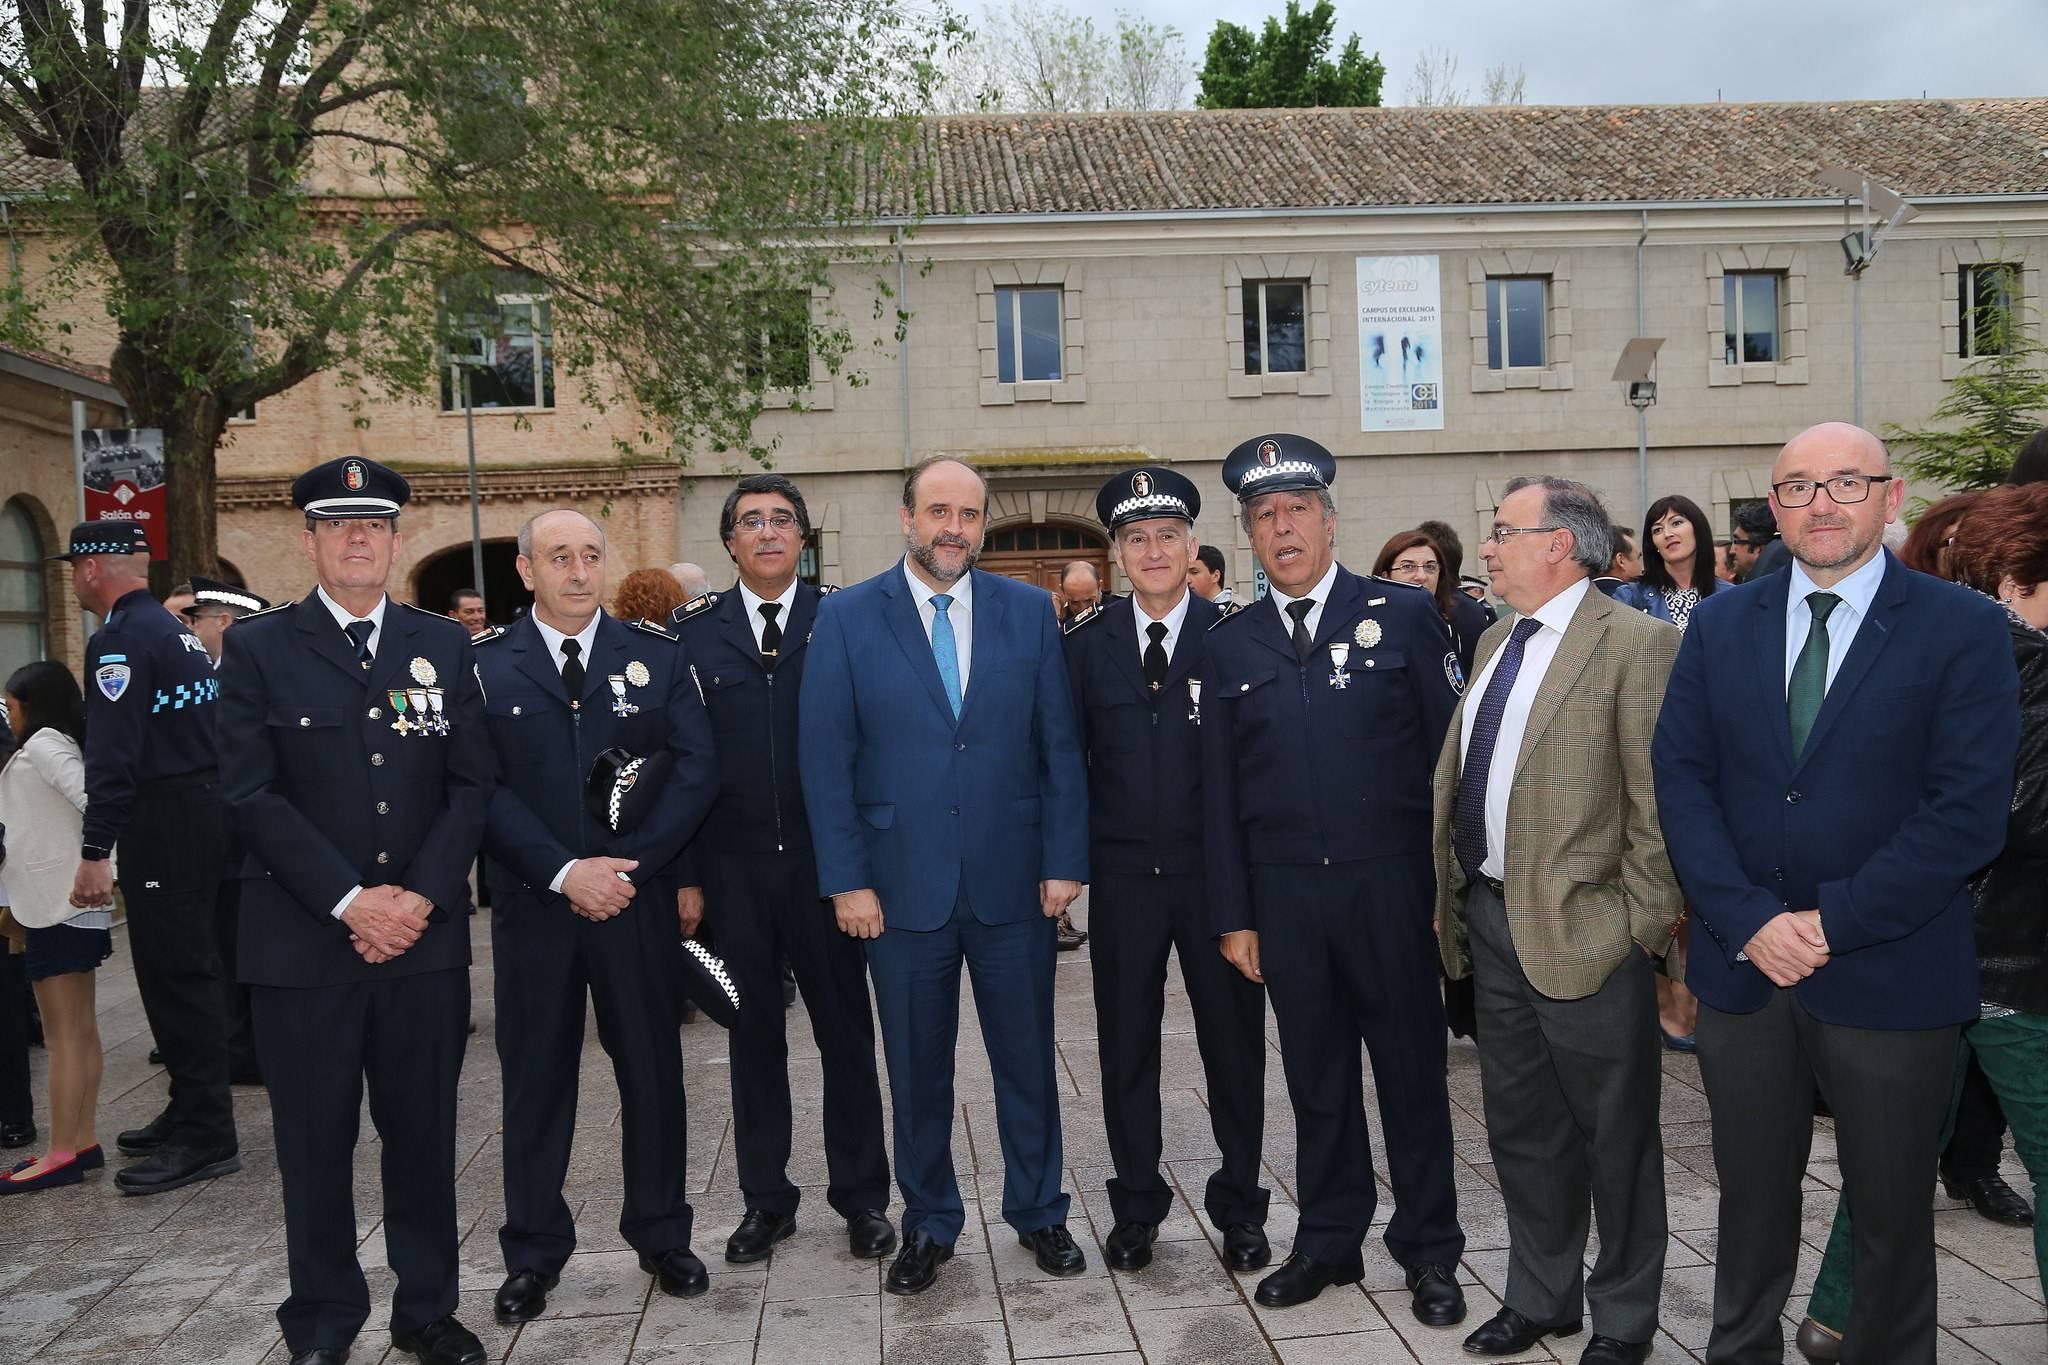 policia local y gobierno regional - El Gobierno regional elaborará una Carta Marco de Servicios Policiales